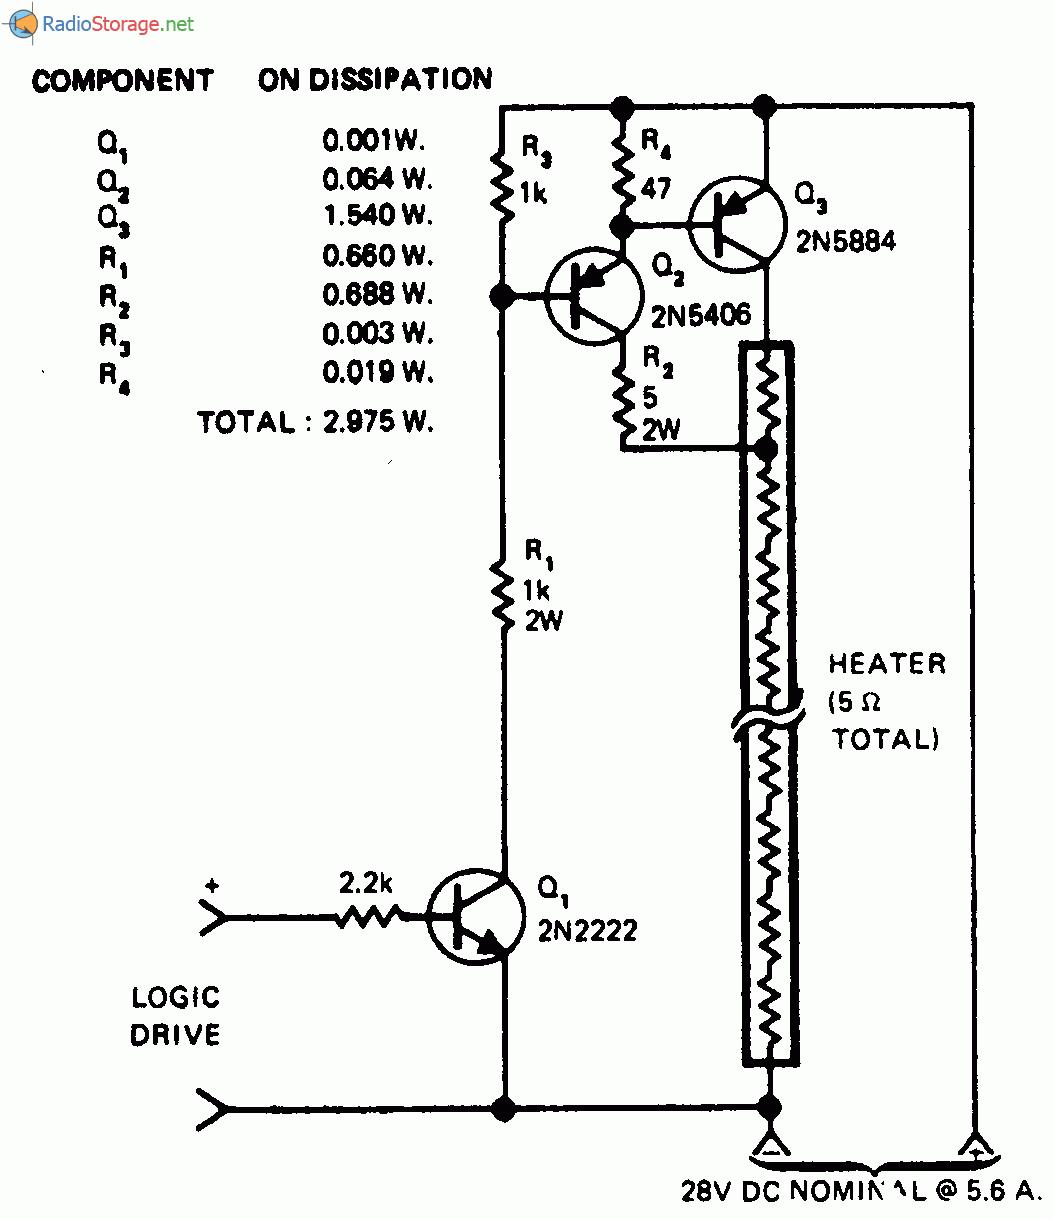 Принципиальная схема: Переключатель разогрева тена с малой мощностью рассеивания.